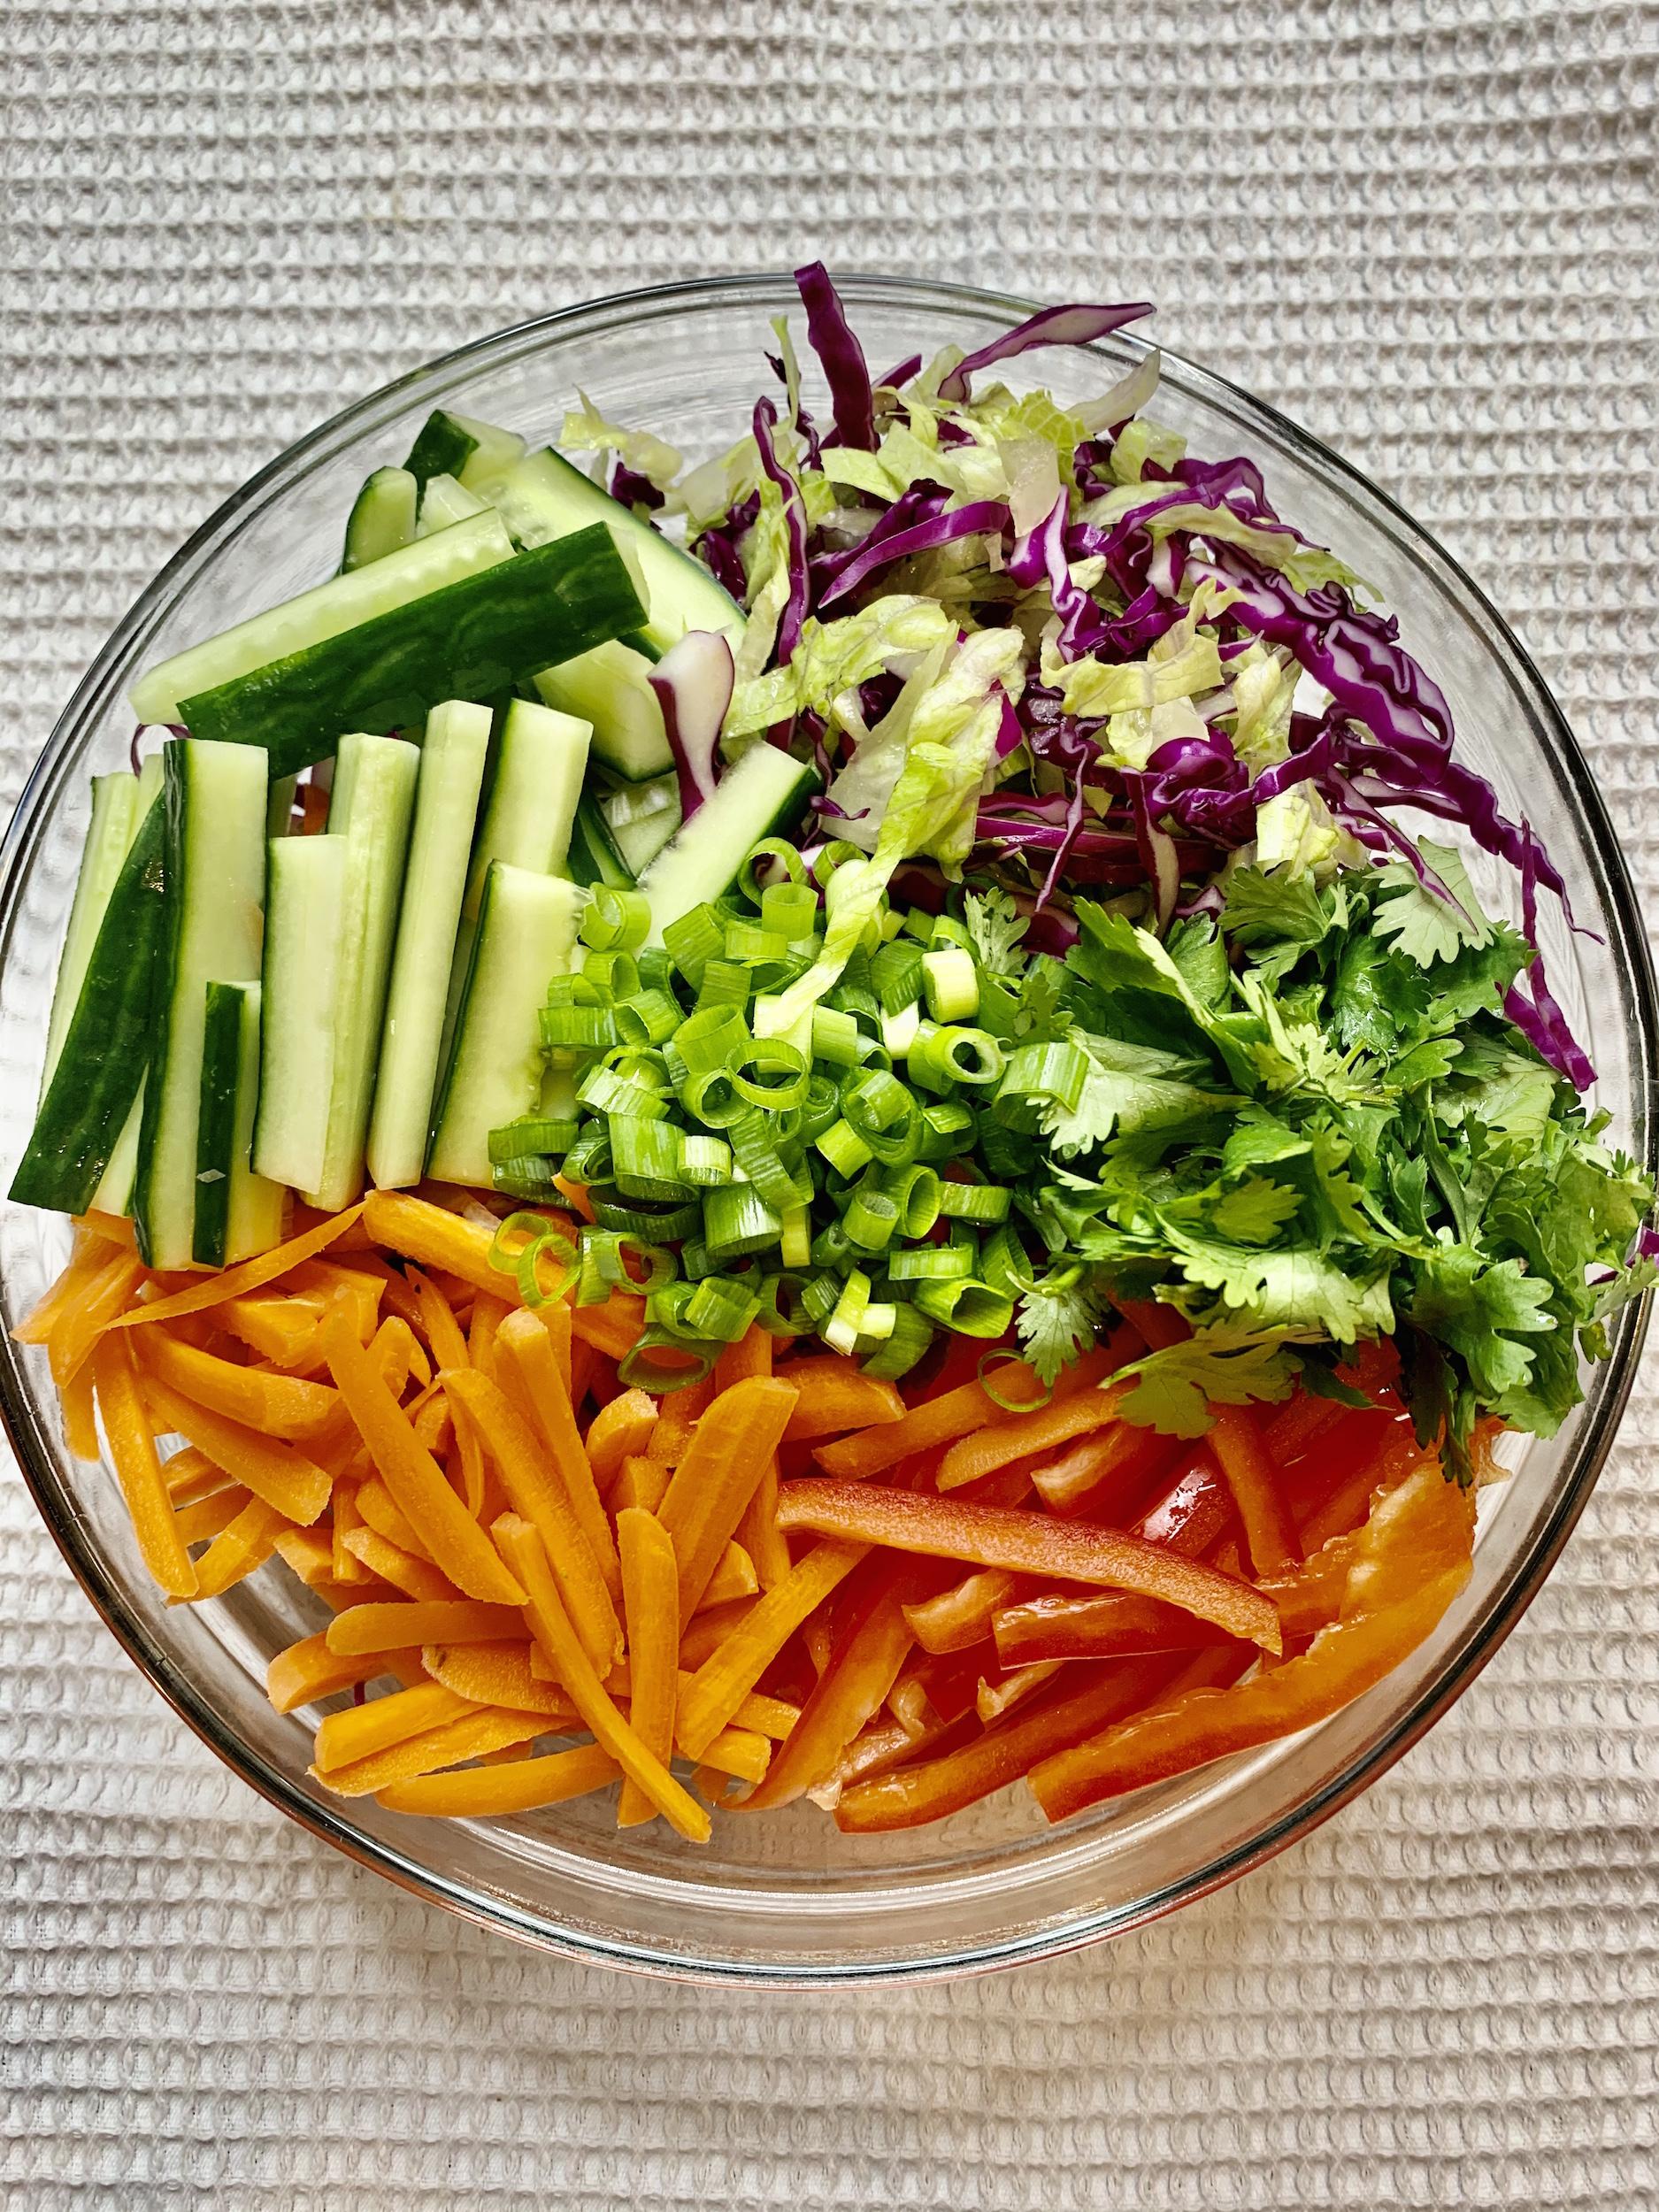 Thai Crunch Salad Veggies in a bowl